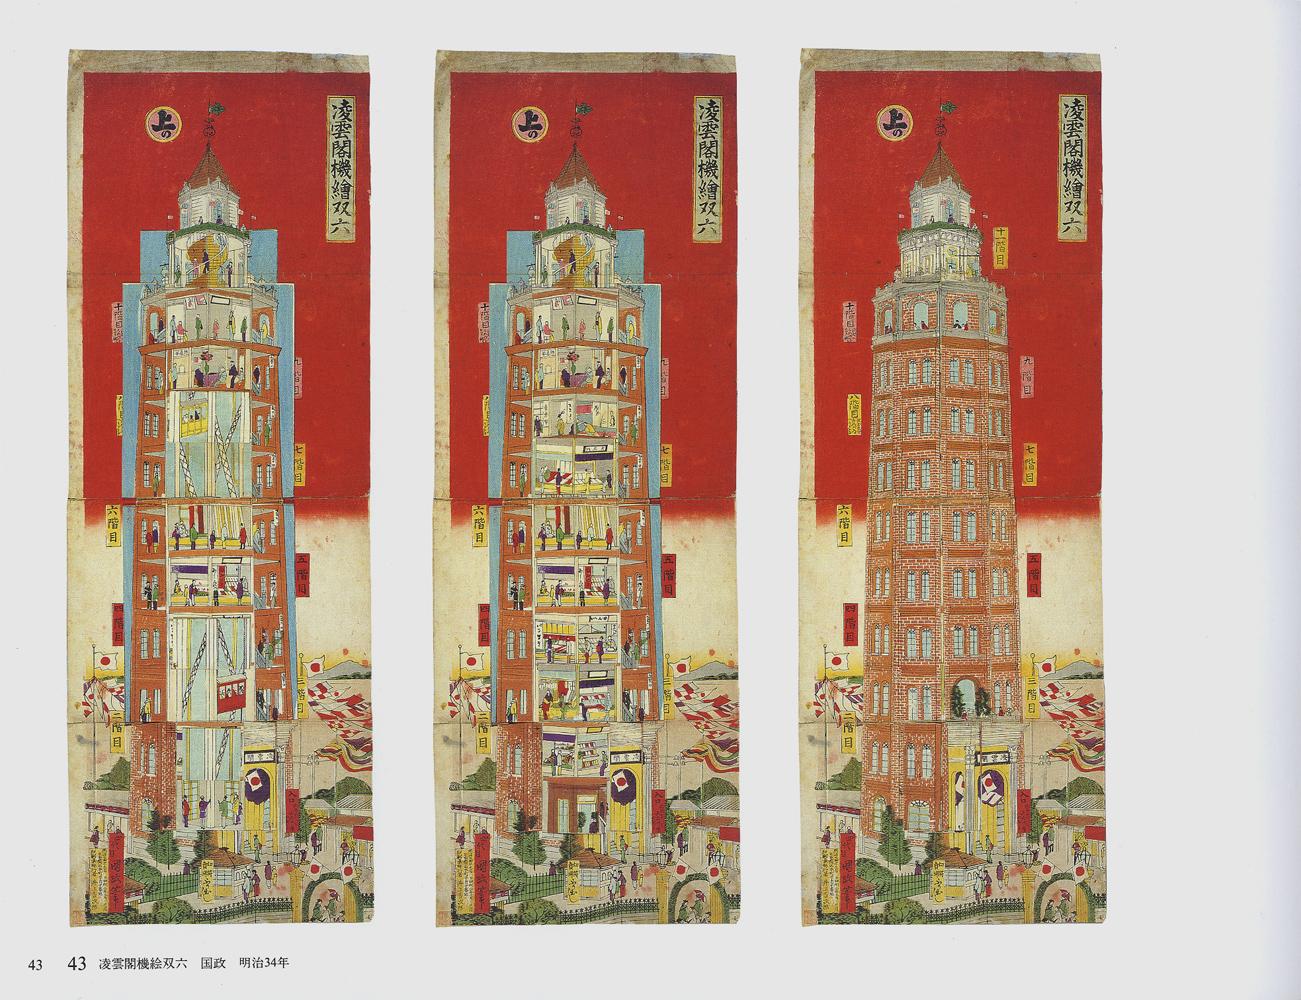 明治開化期の錦絵 Meiji Japan Through Woodblock Prints[image4]